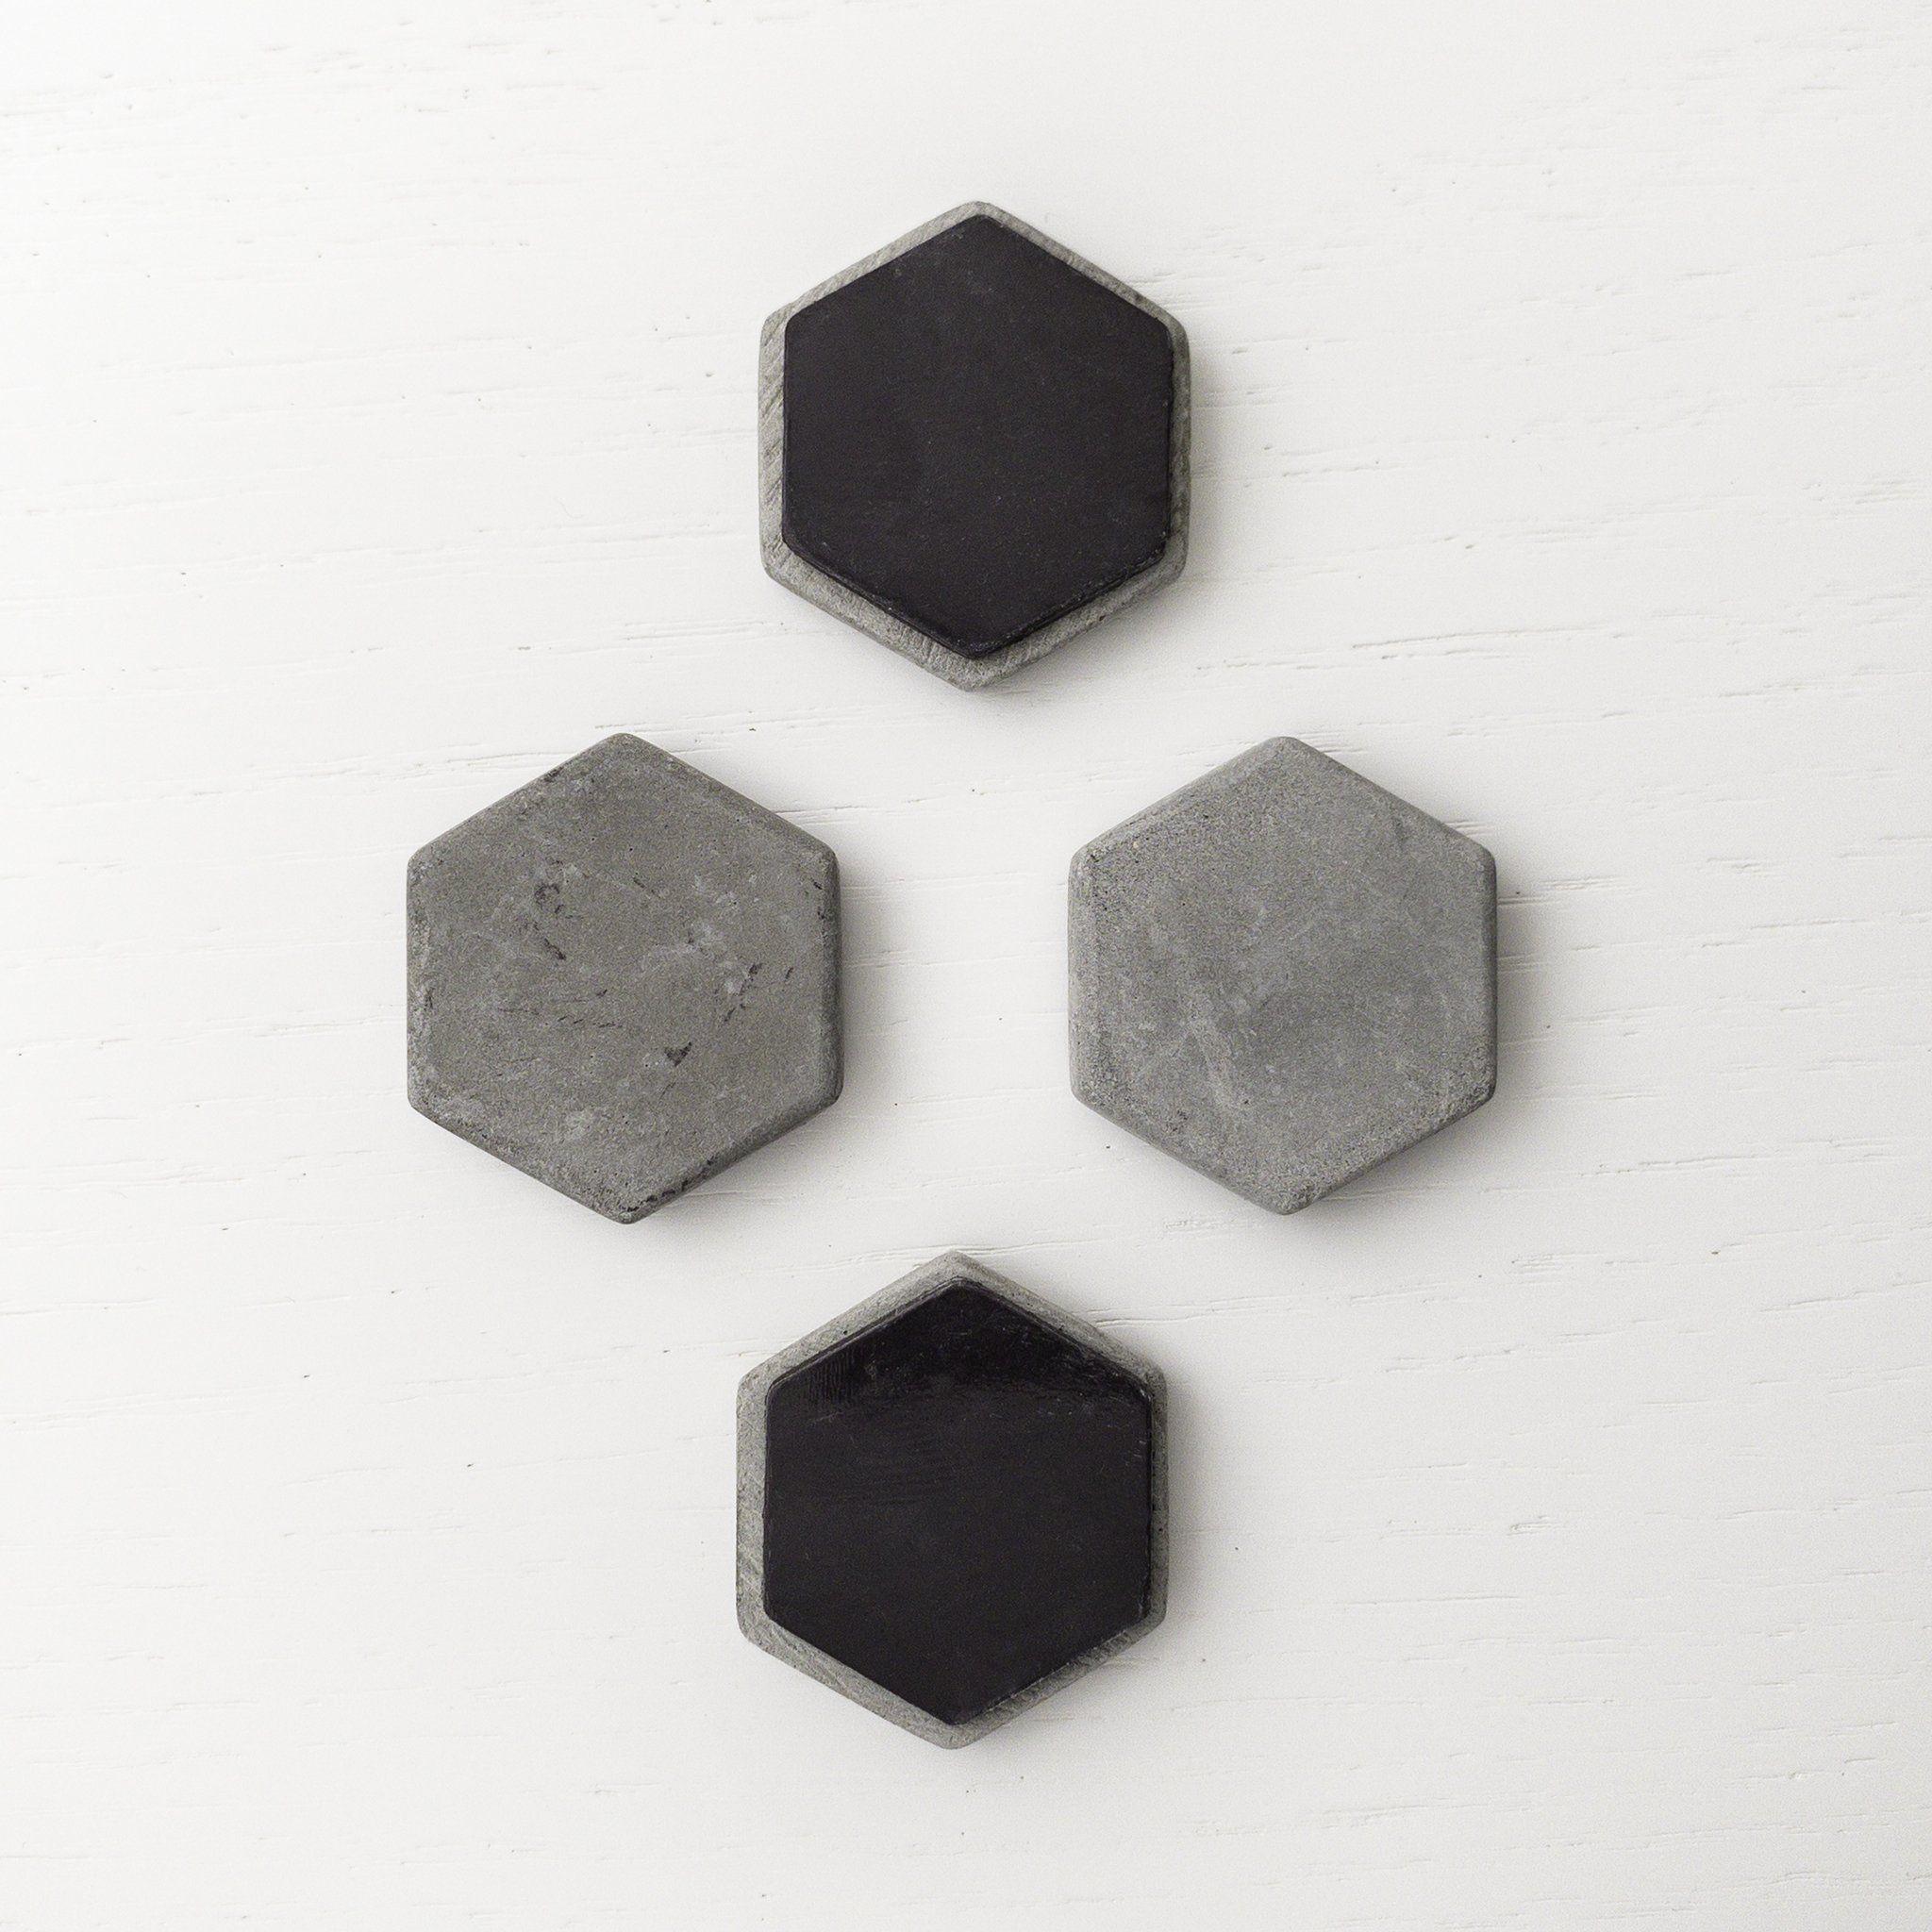 Geometric Magnets - Hand-Cast Concrete - Hexagons - 4pcs